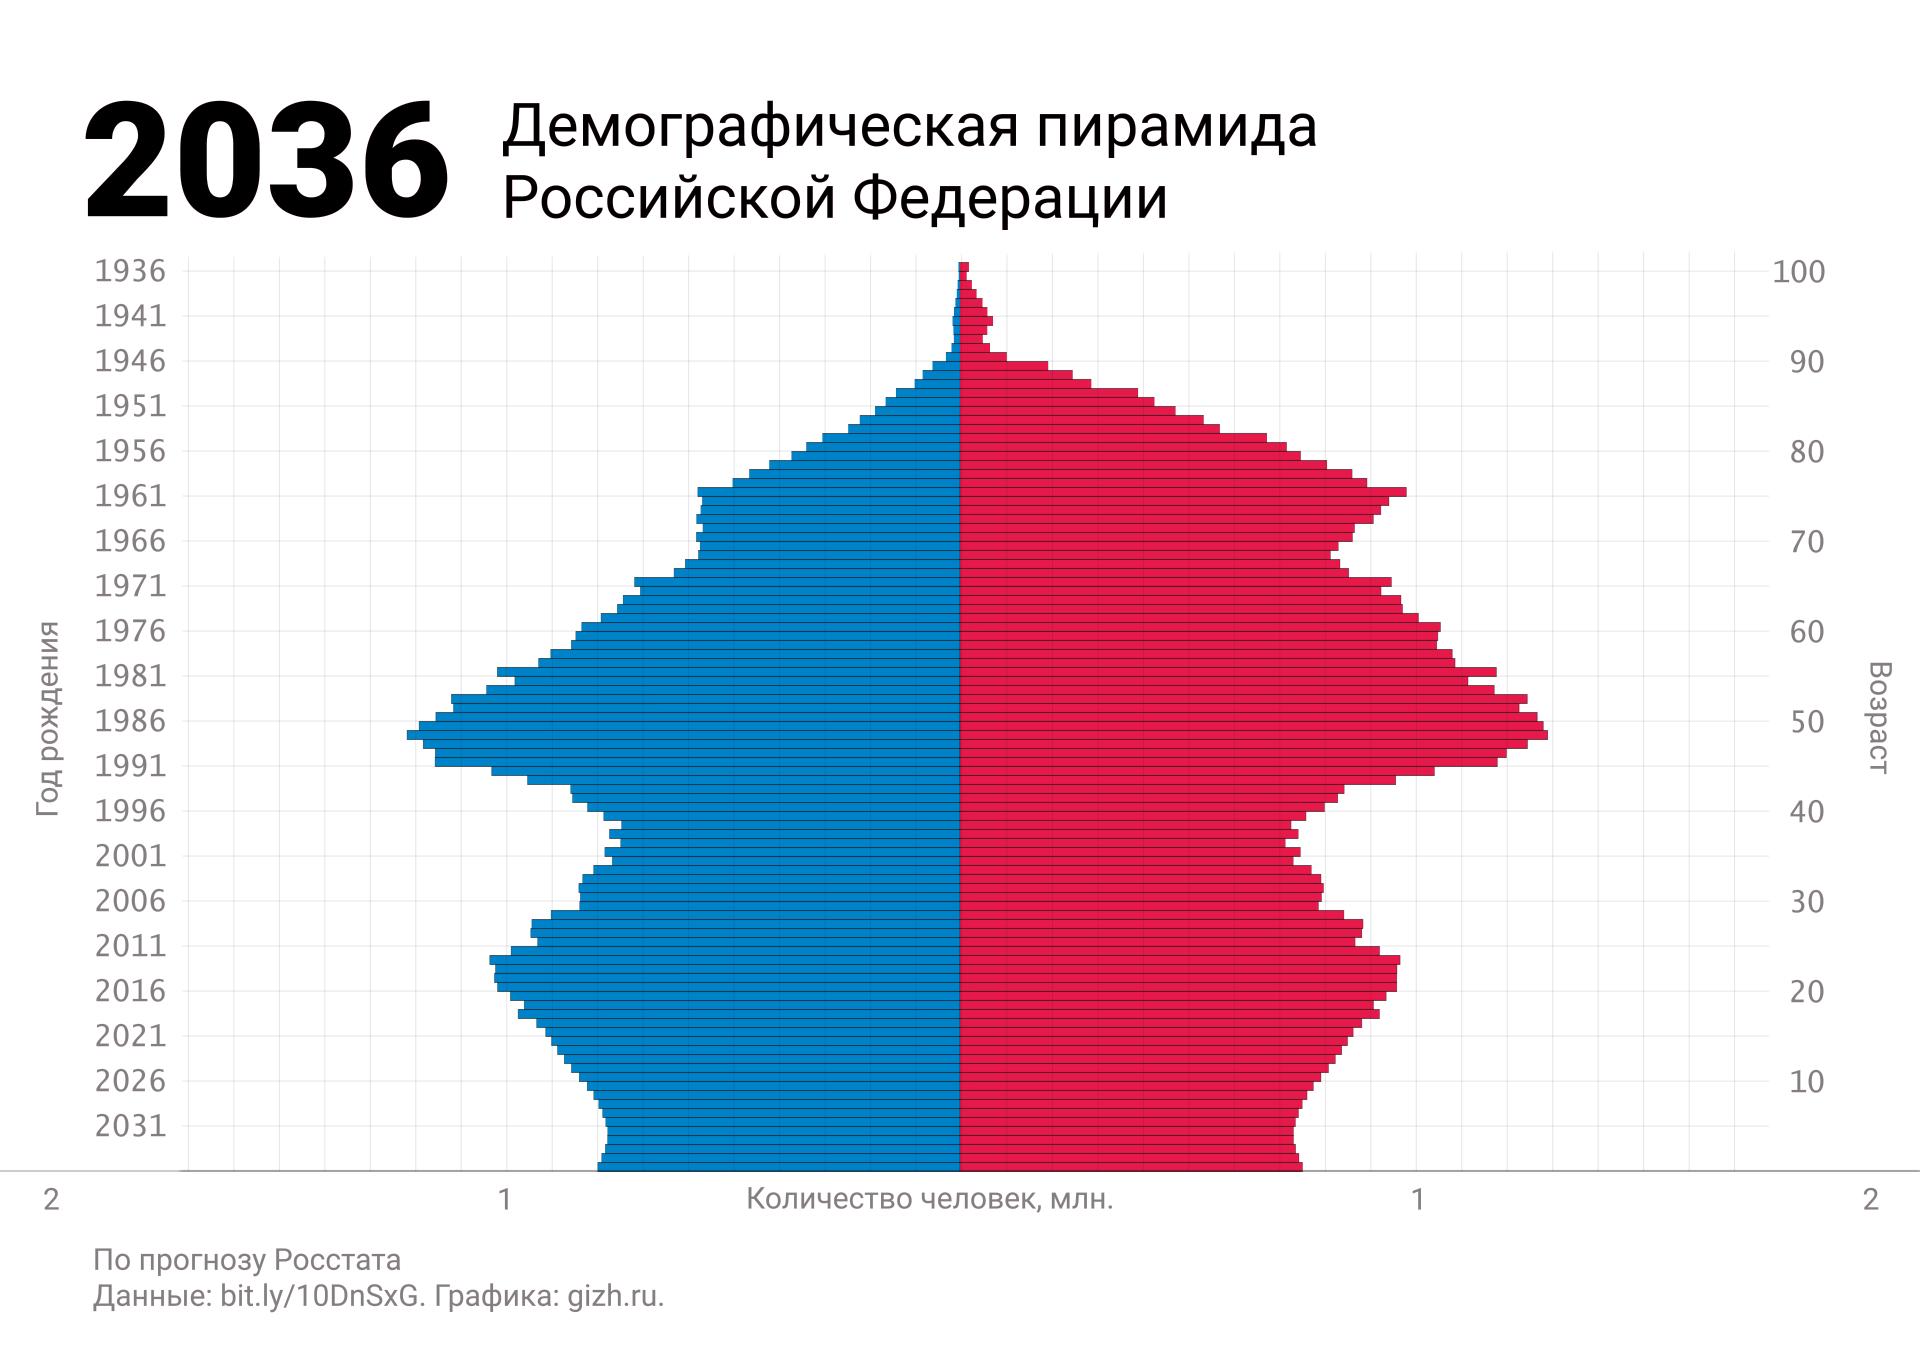 Демографическая (половозрастная) пирамида России 2036 (прогноз)